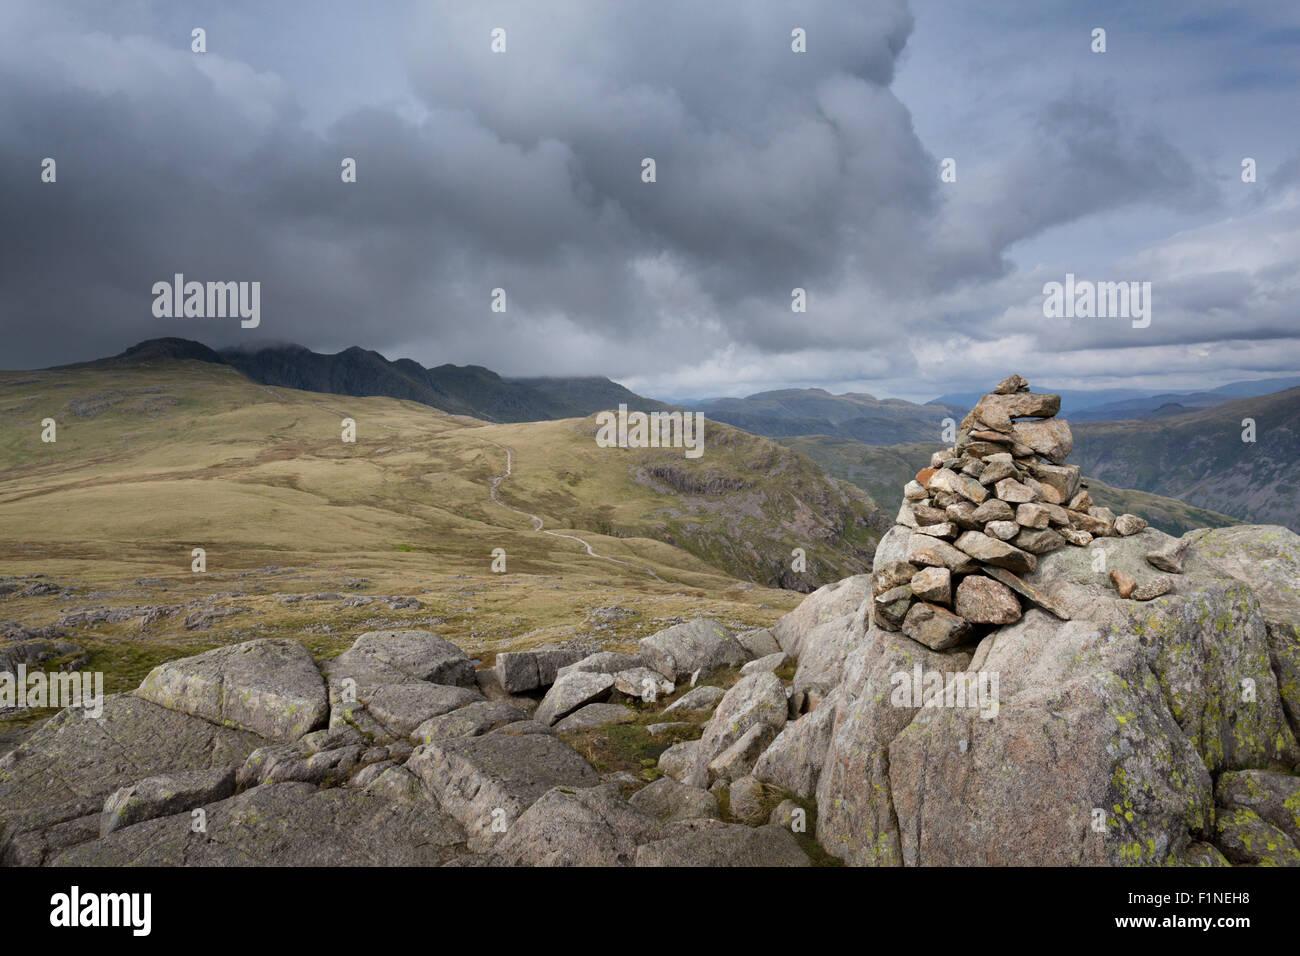 Kalten Hecht Gipfel Cairn Blick auf die Crinkle Crags unter ein stimmungsvoller Himmel, im englischen Lake District Stockbild